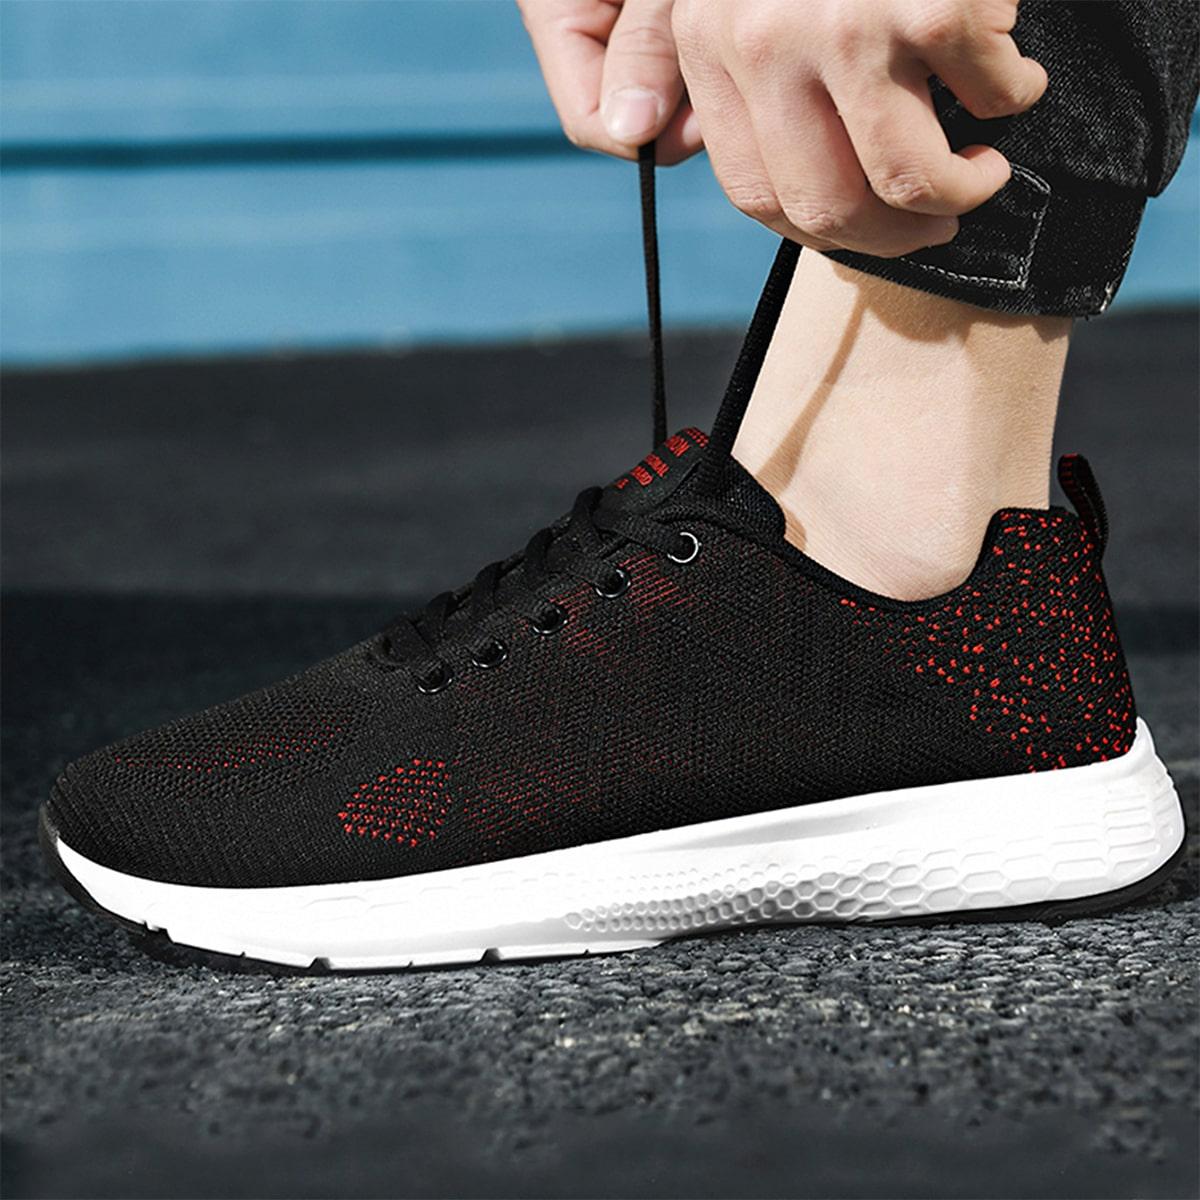 Мужской Беговая обувь двухцветный со шнурком